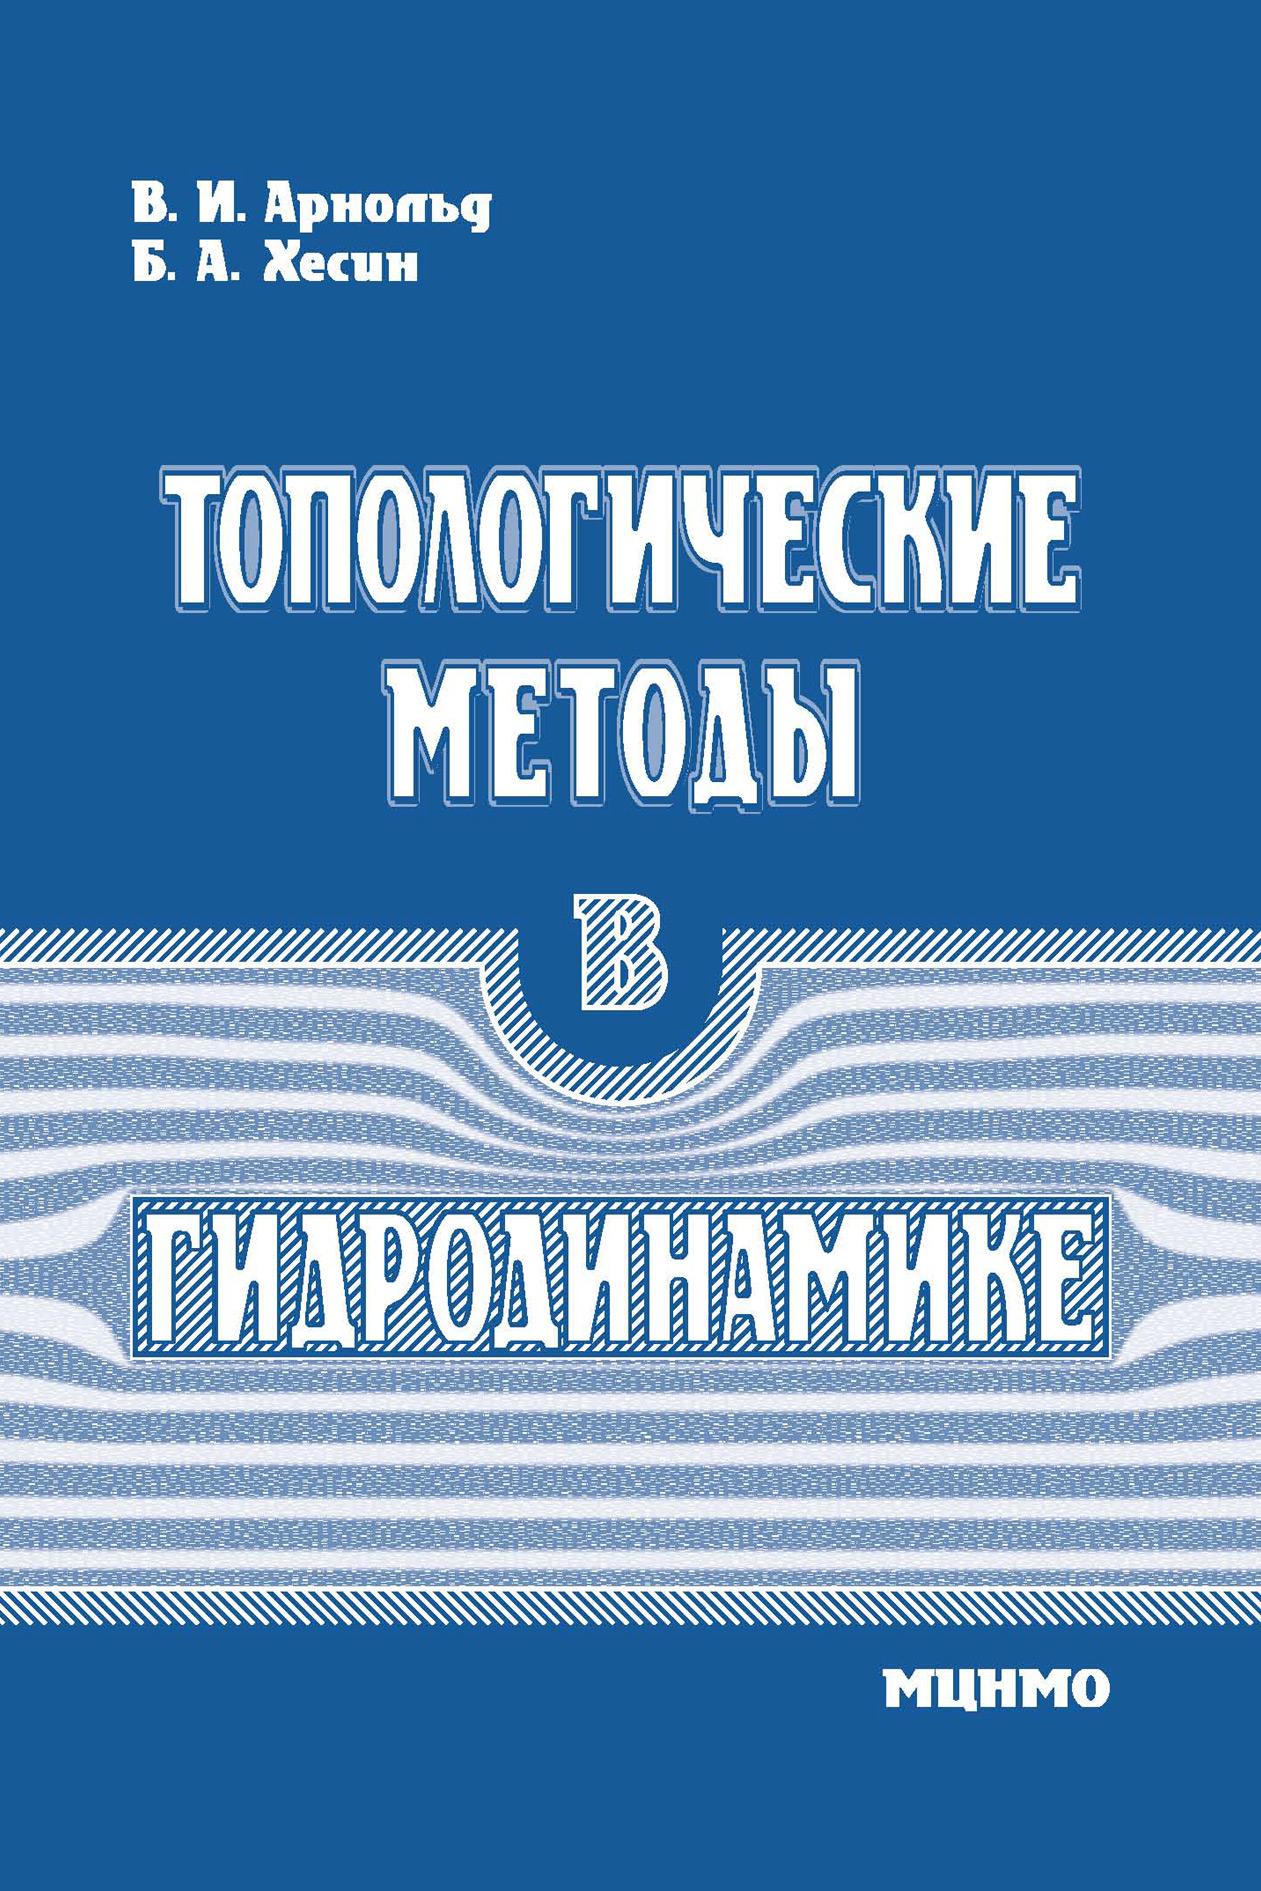 В. И. Арнольд Топологические методы в гидродинамике